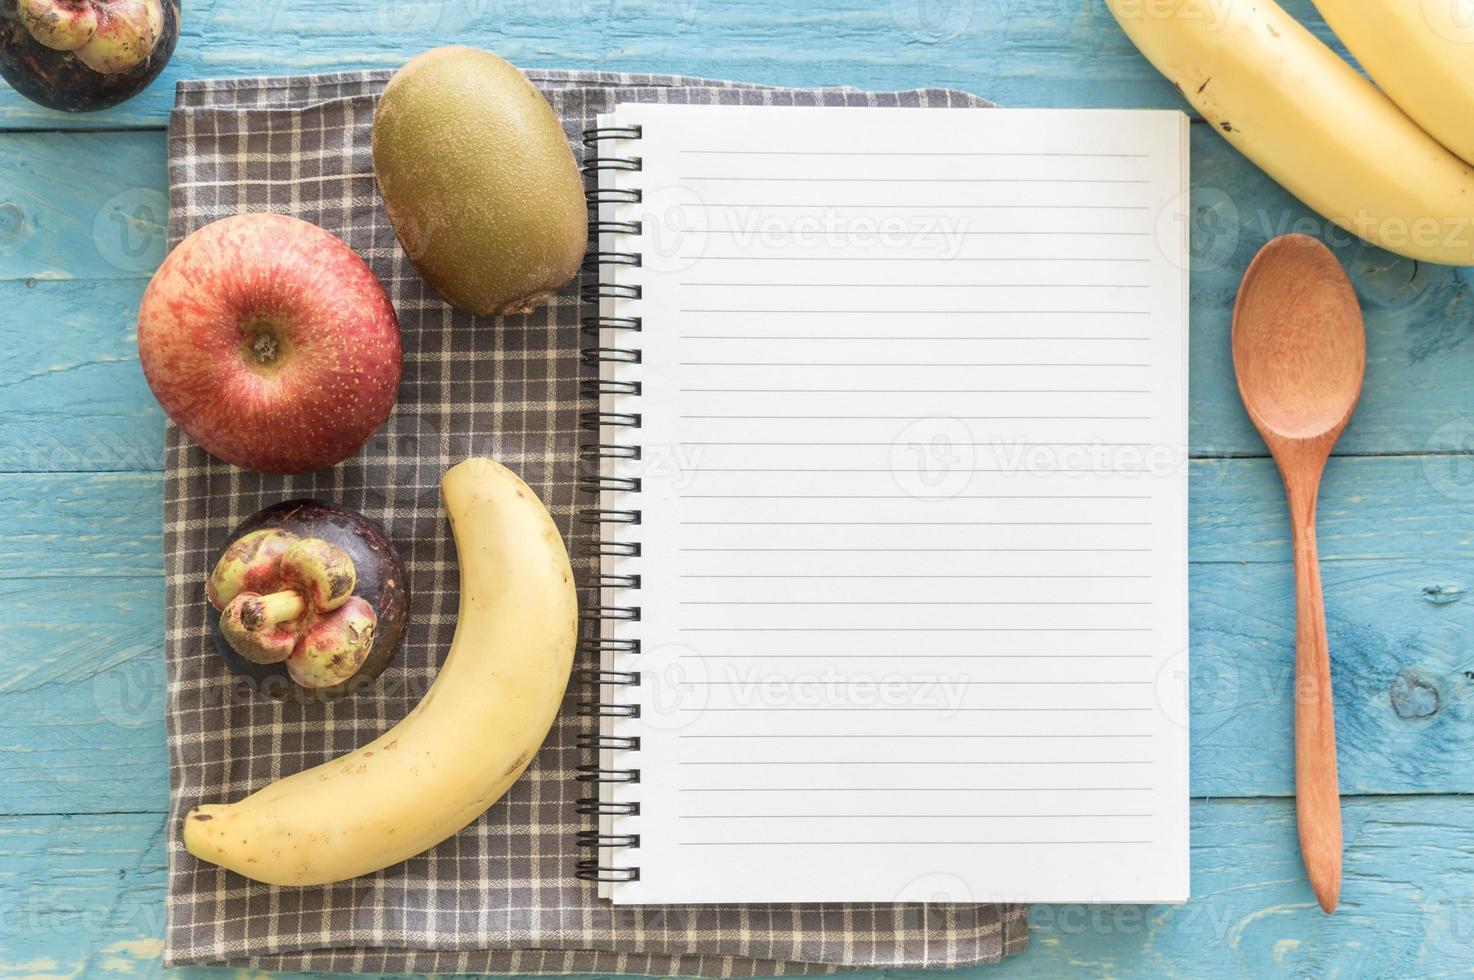 receptbok med frukter på träbakgrund foto